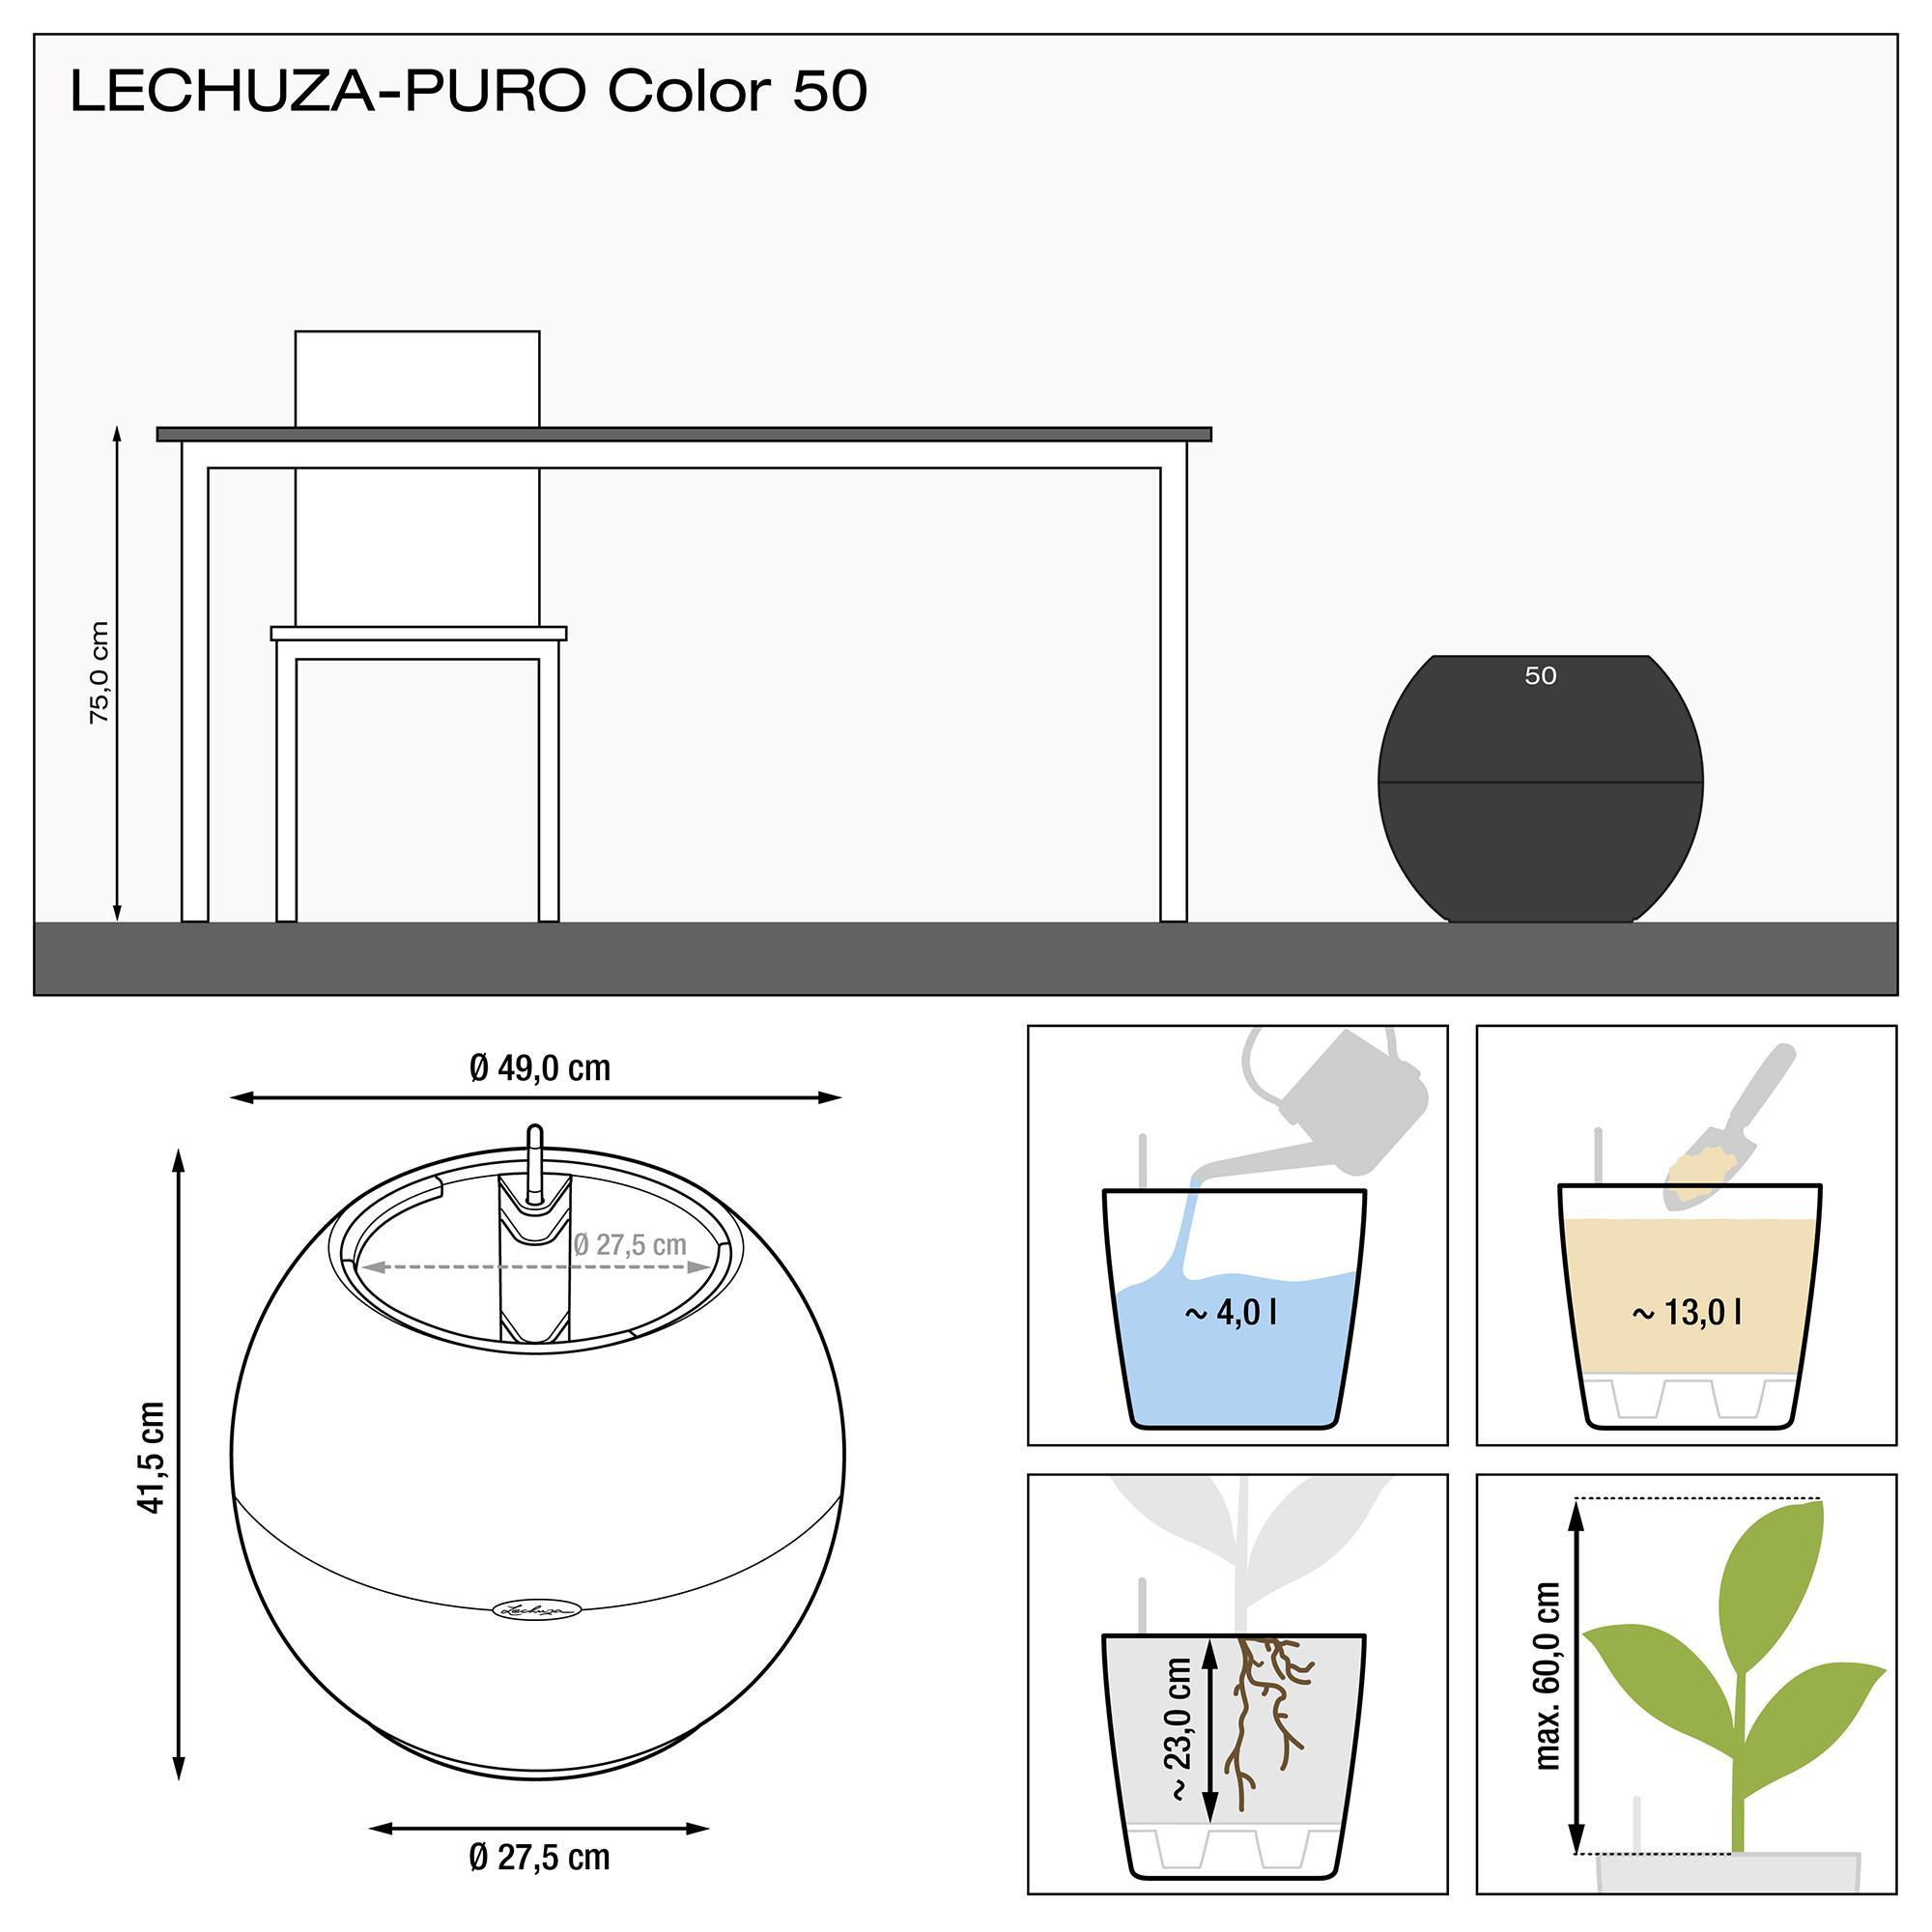 le_puro-color50_product_addi_nz